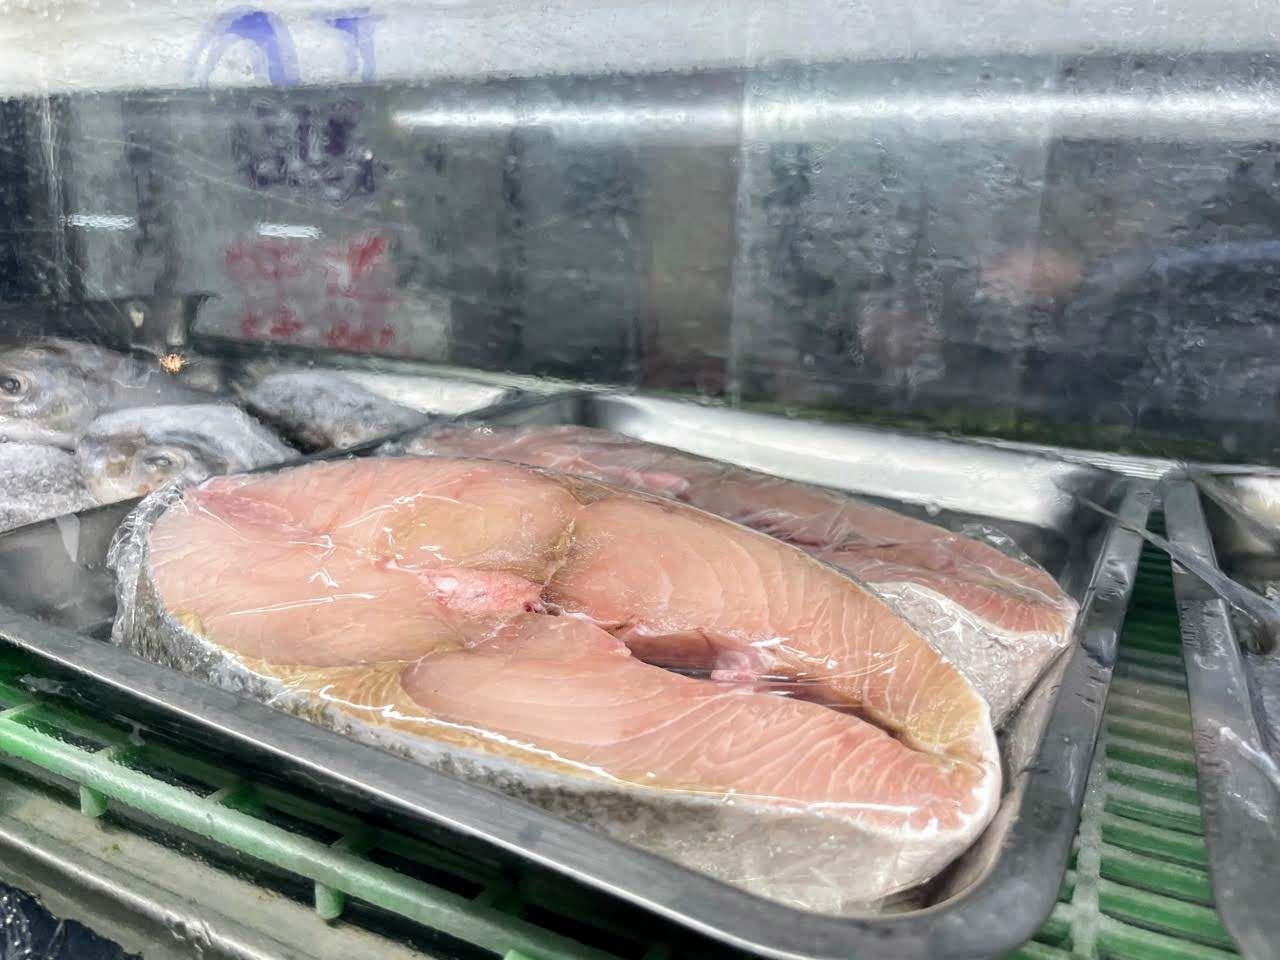 澎湖許媽媽小吃部。每天只開五小時的熱炒店|必點海膽炒蛋|激推金瓜米粉